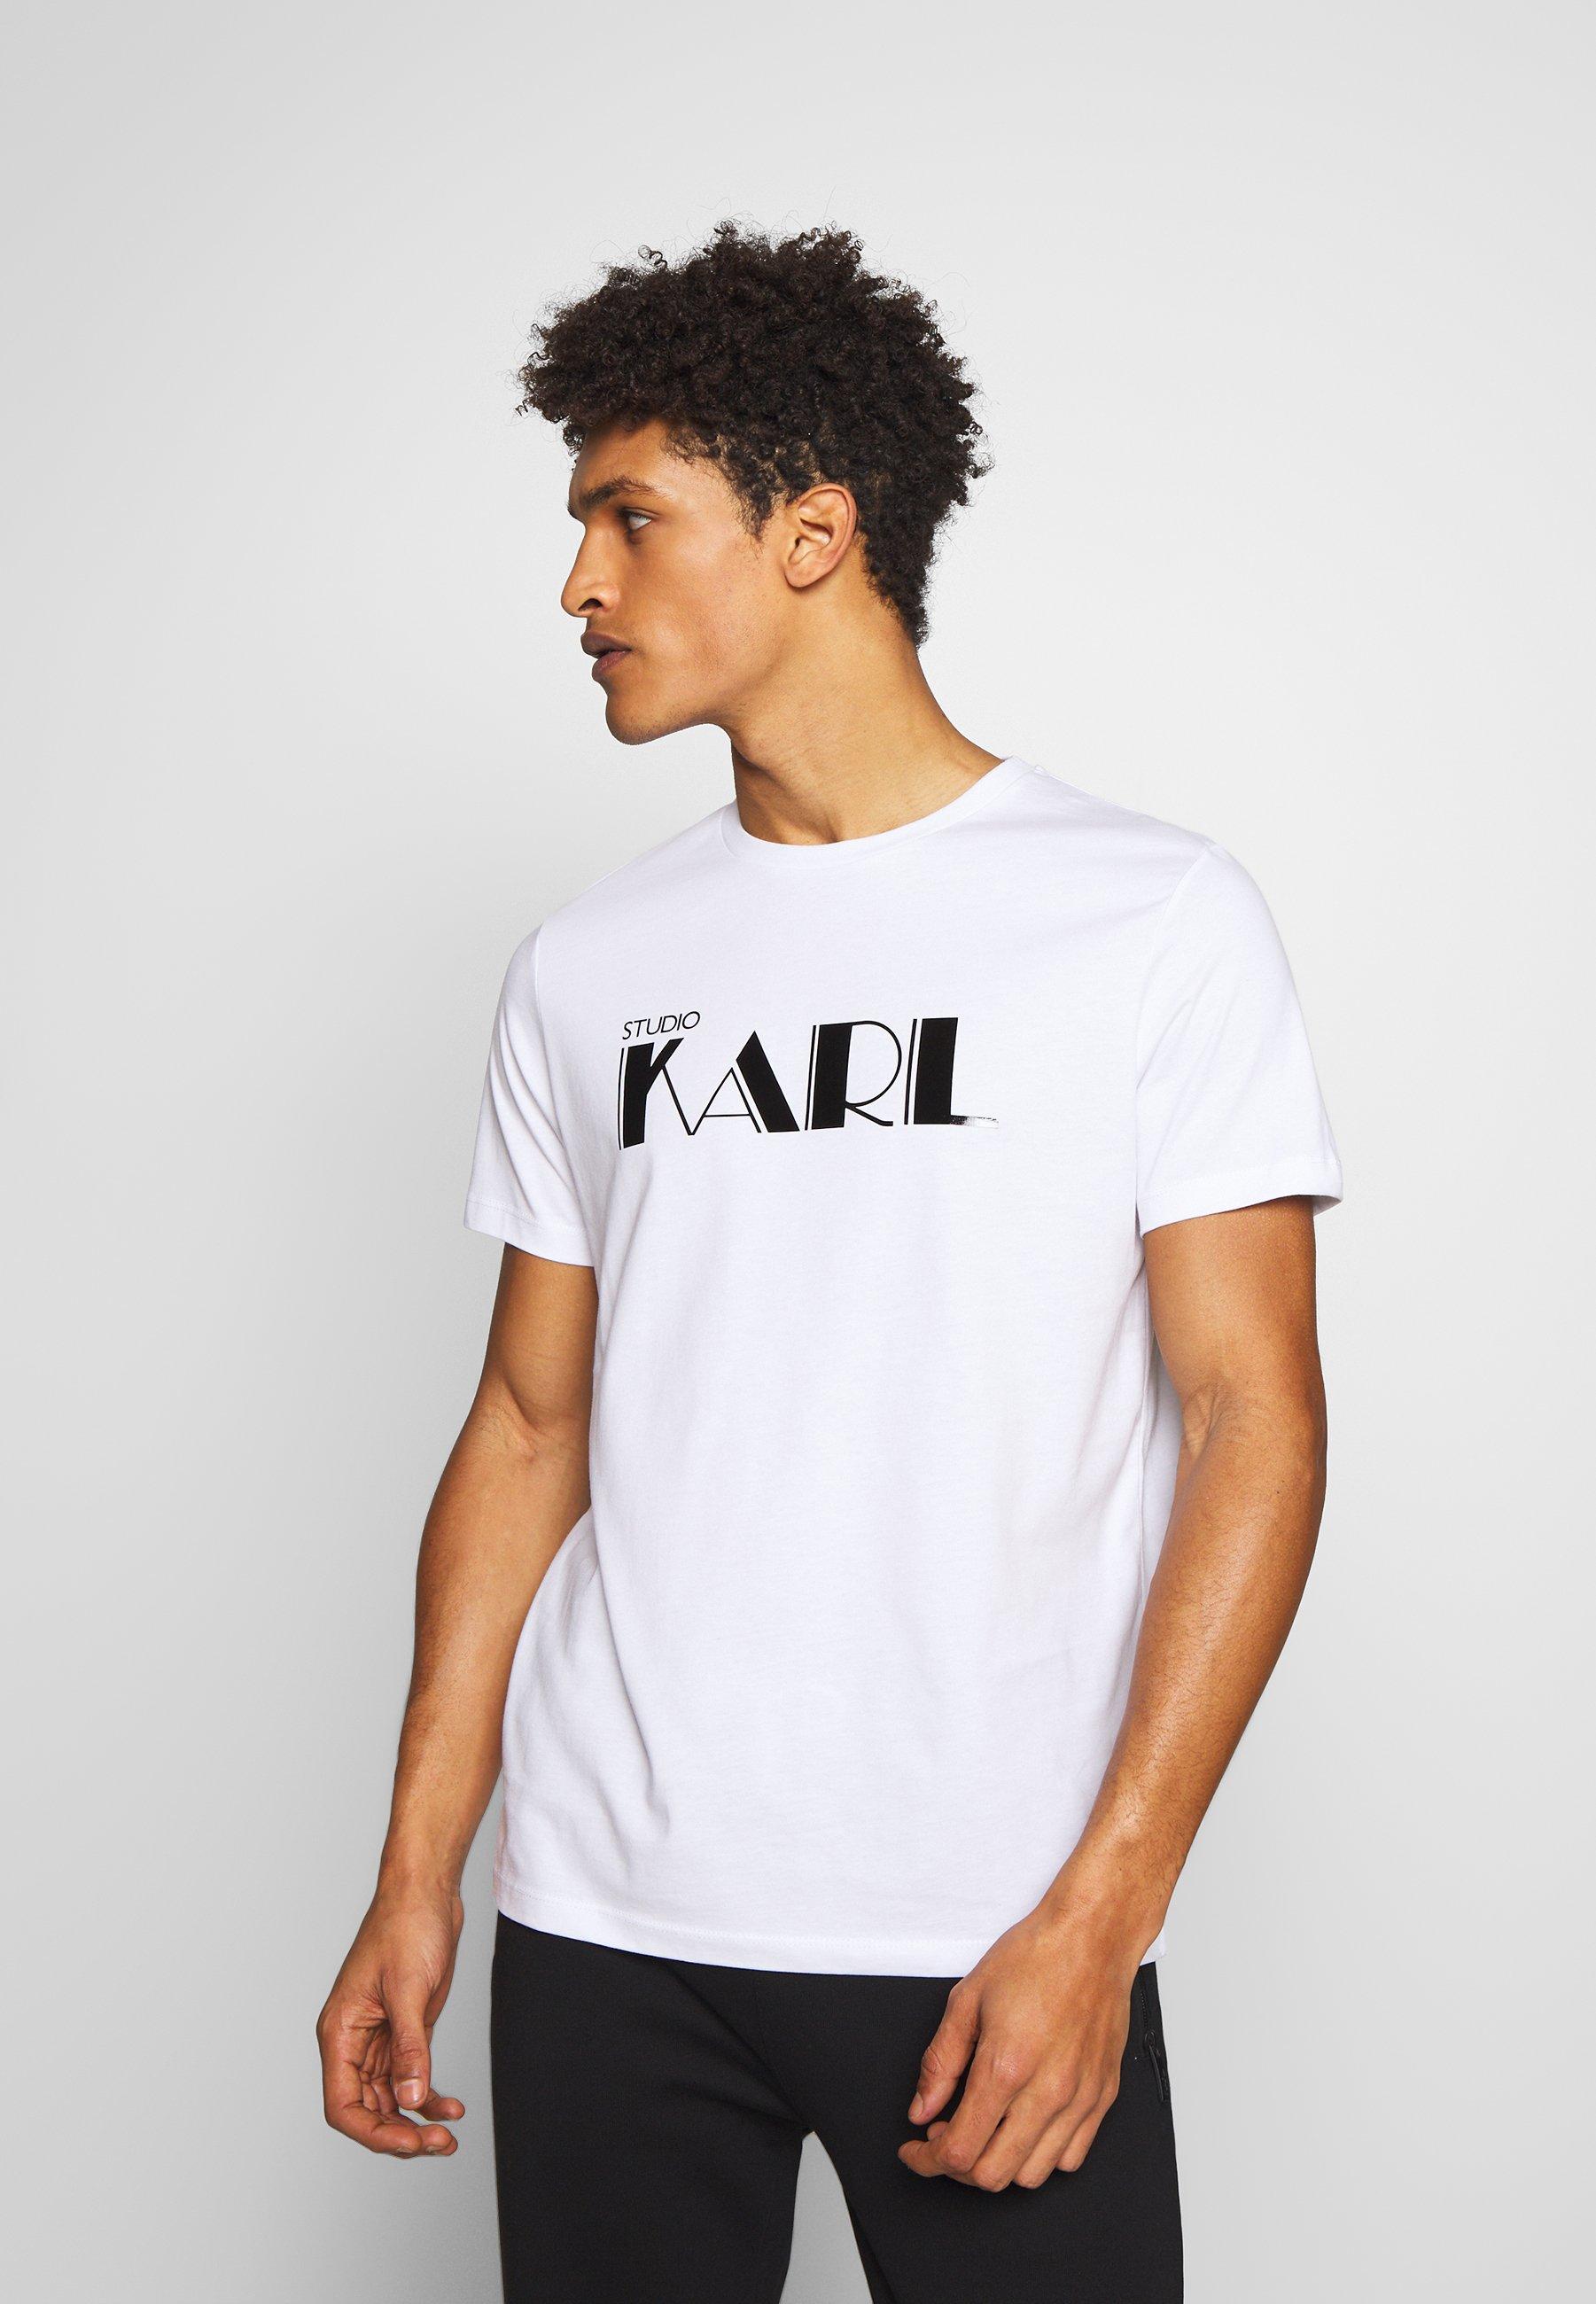 Ekskluzywne koszulki męskie znanych projektantów w Zalando